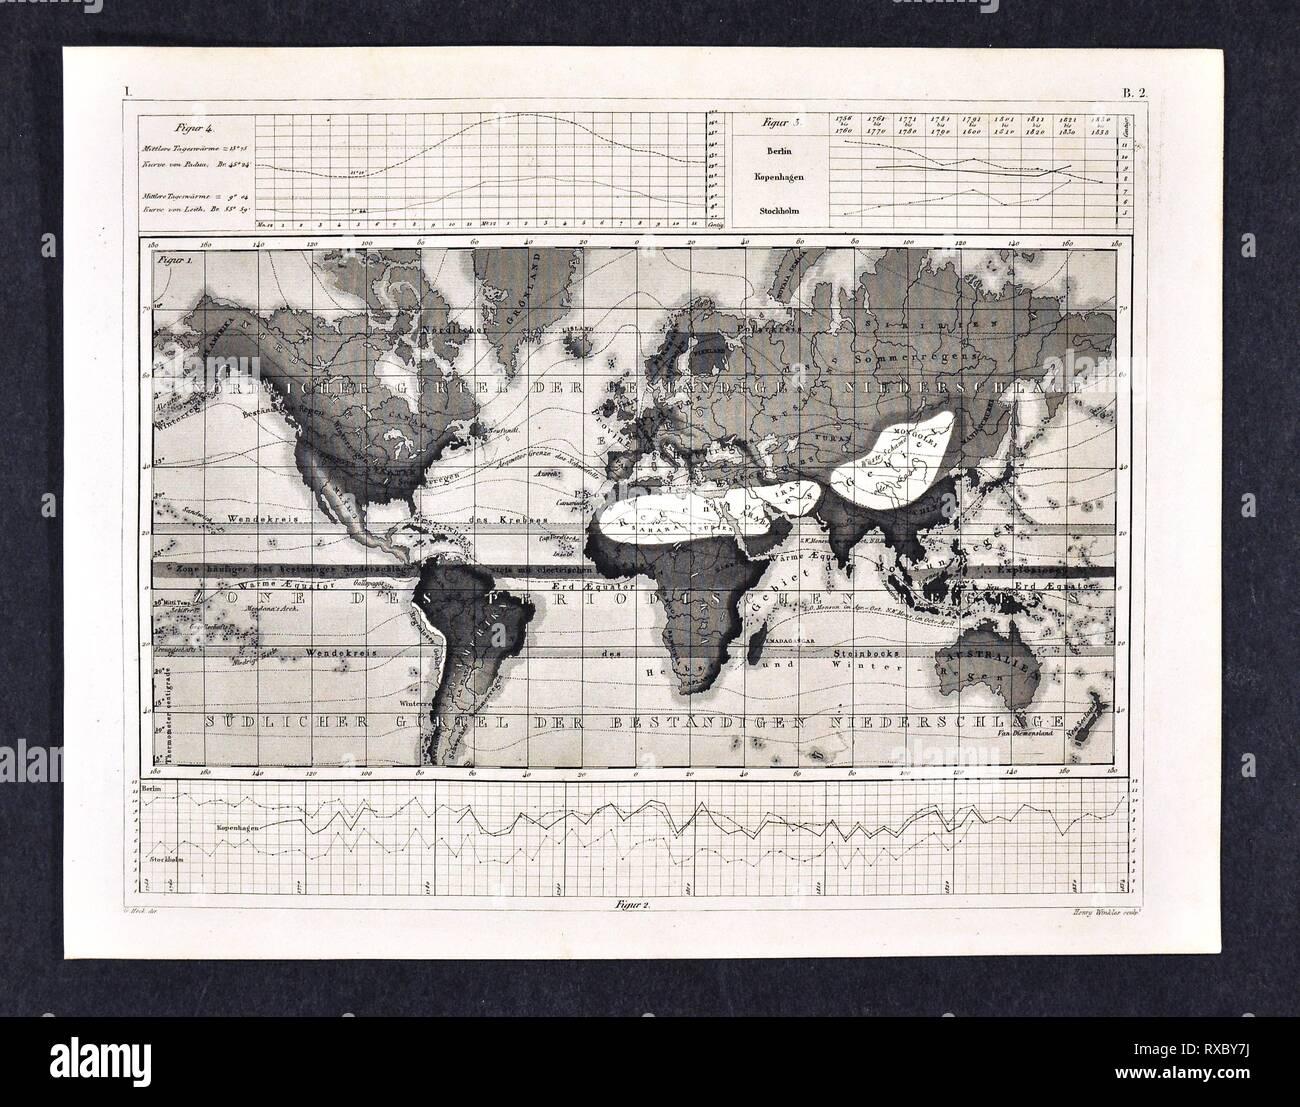 1849 Bilder Atlas mappa Mondo precipitazioni e zone climatiche Immagini Stock